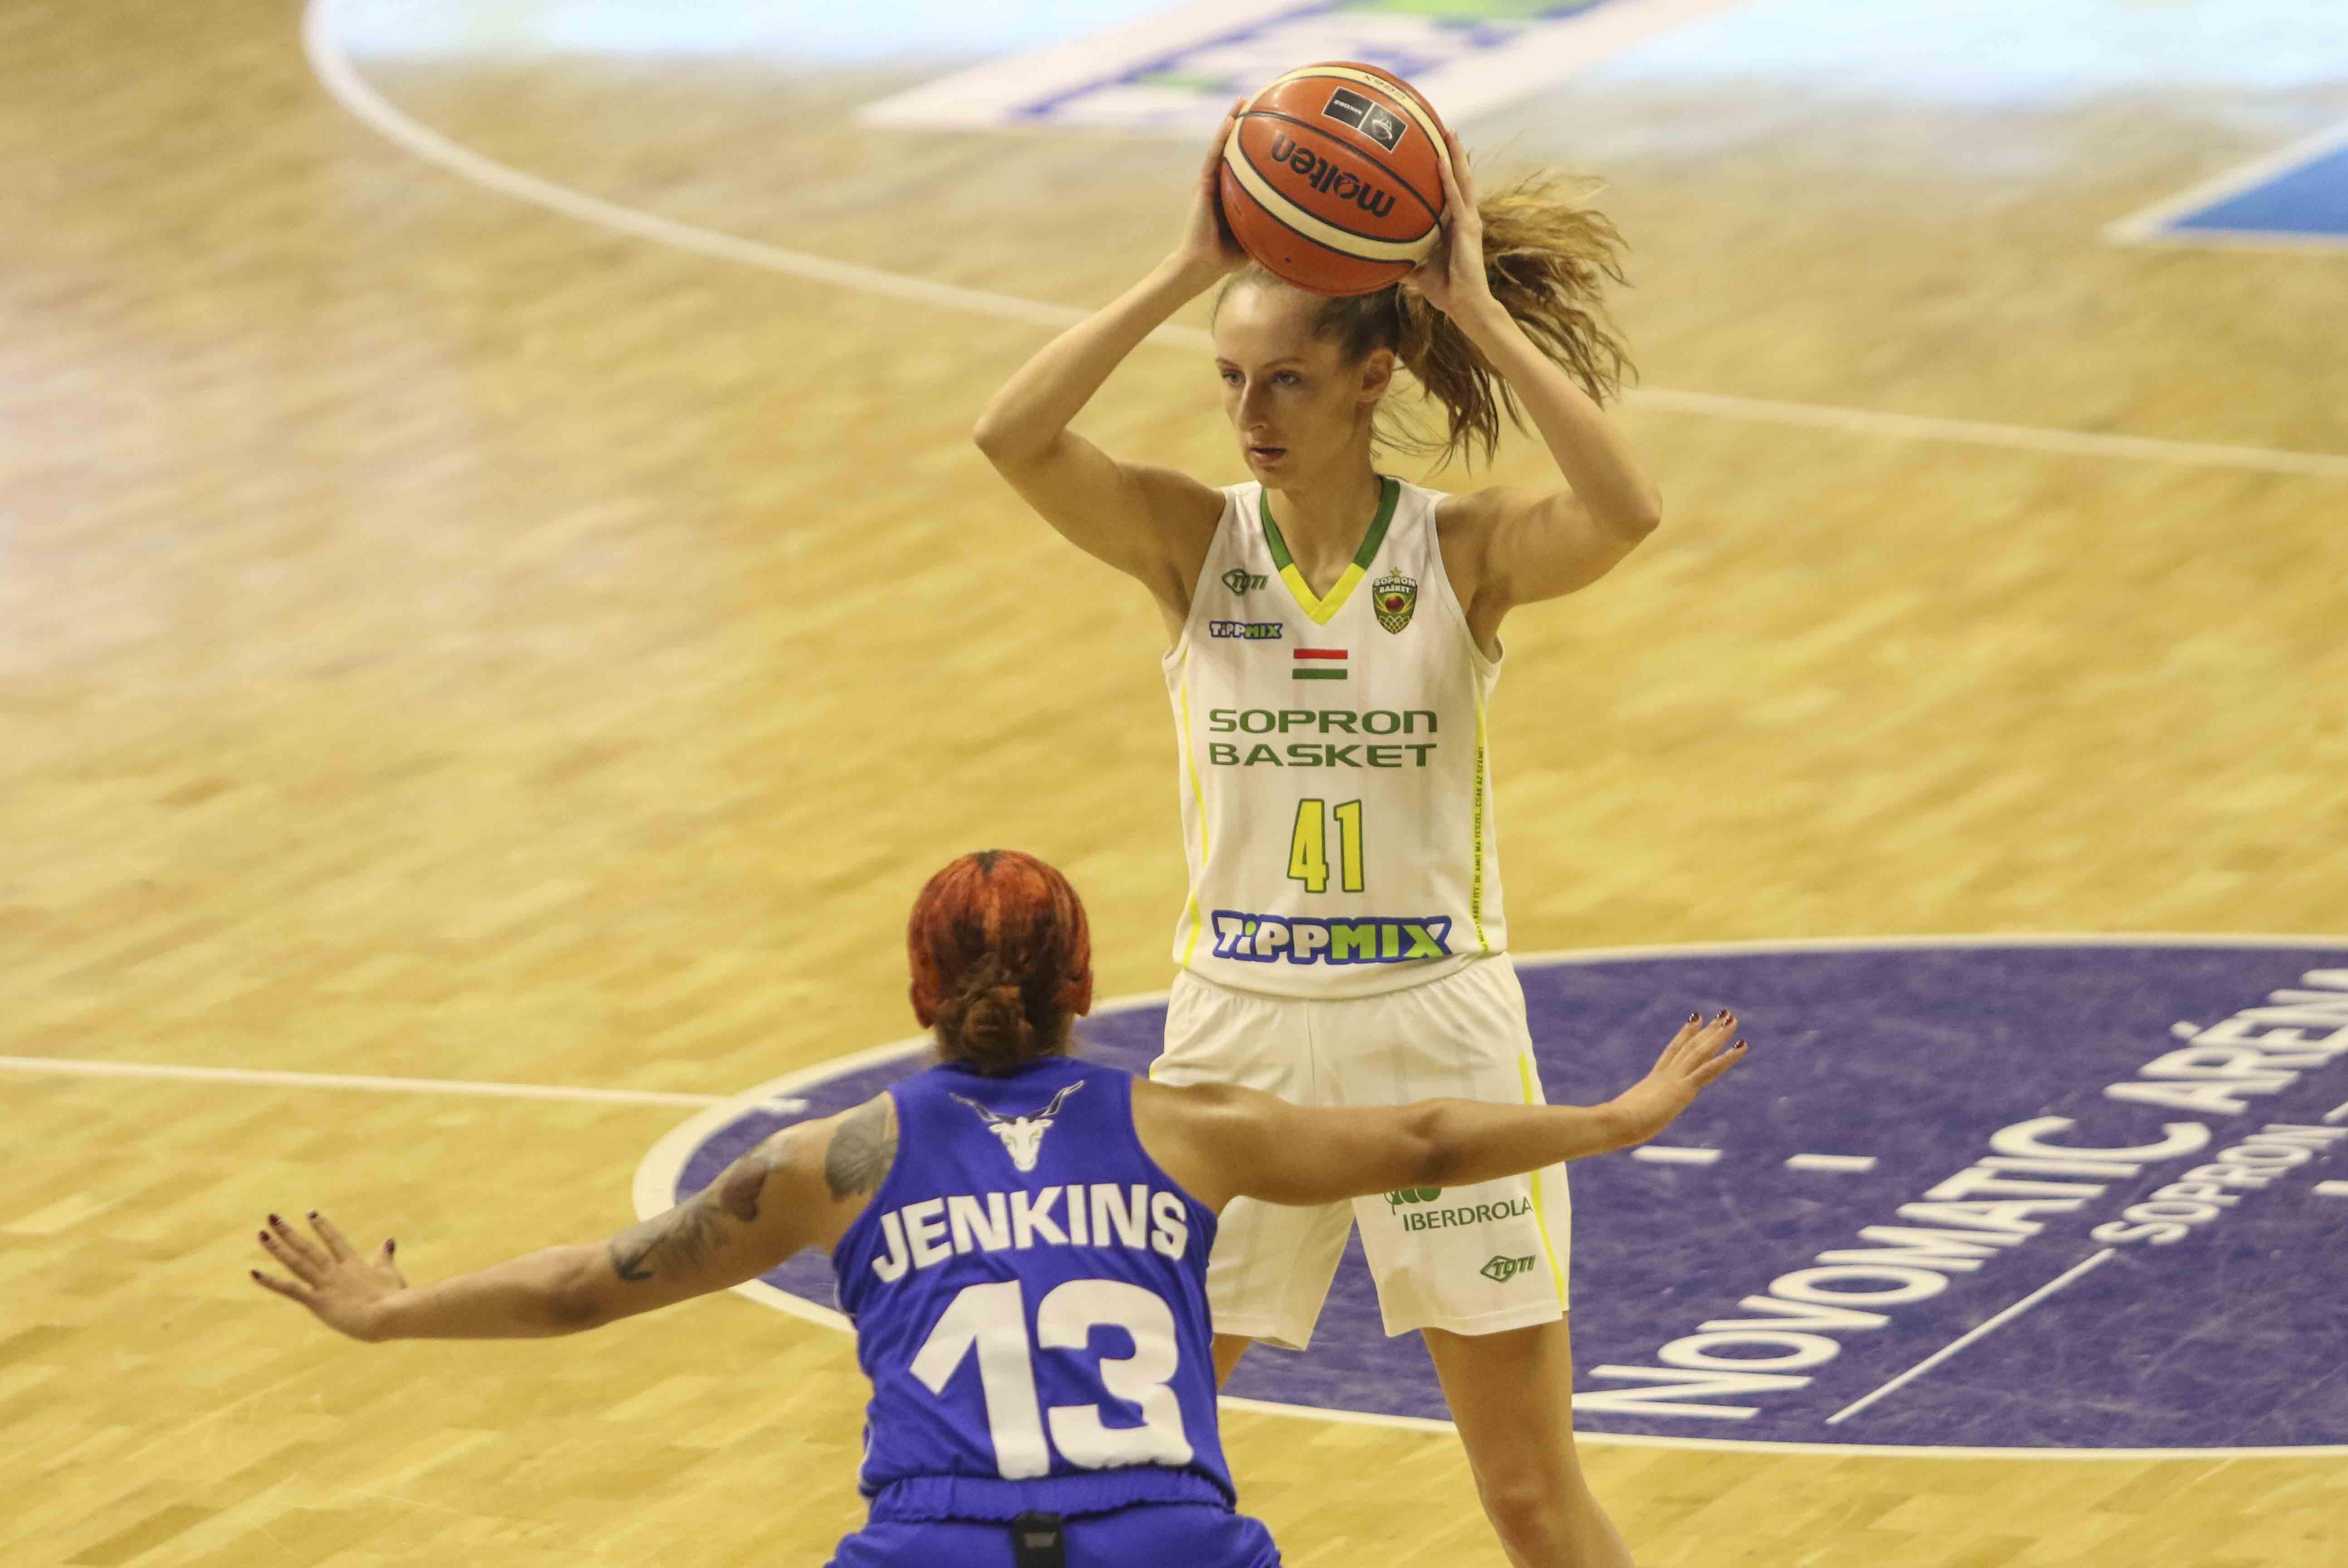 Sopron Basket - TFSE-MTK és Szekszárd - ZTE elődöntőkkel folytatódik a Magyar Kupa